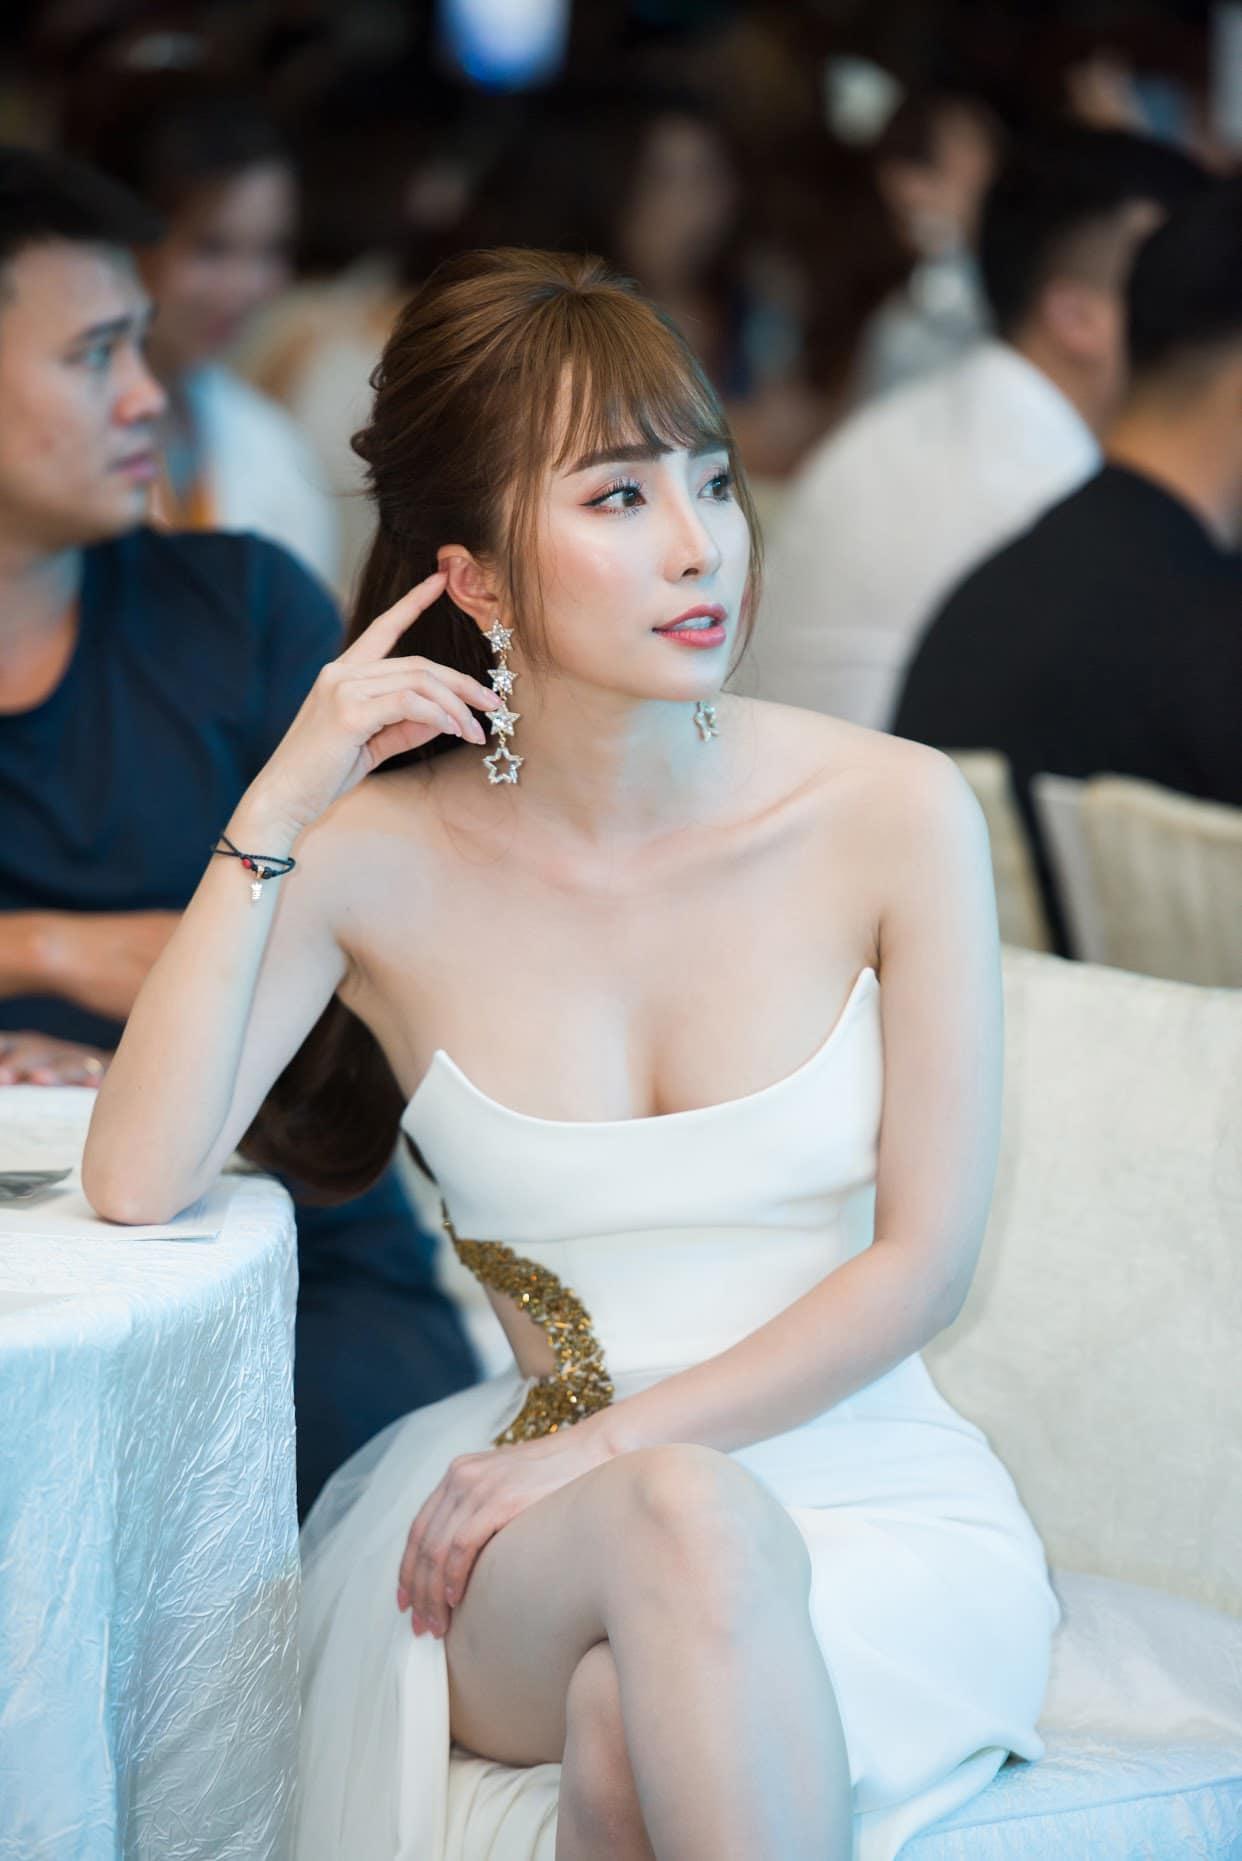 Quỳnh Nga thừa nhận nâng ngực để tự tin mặc gợi cảm